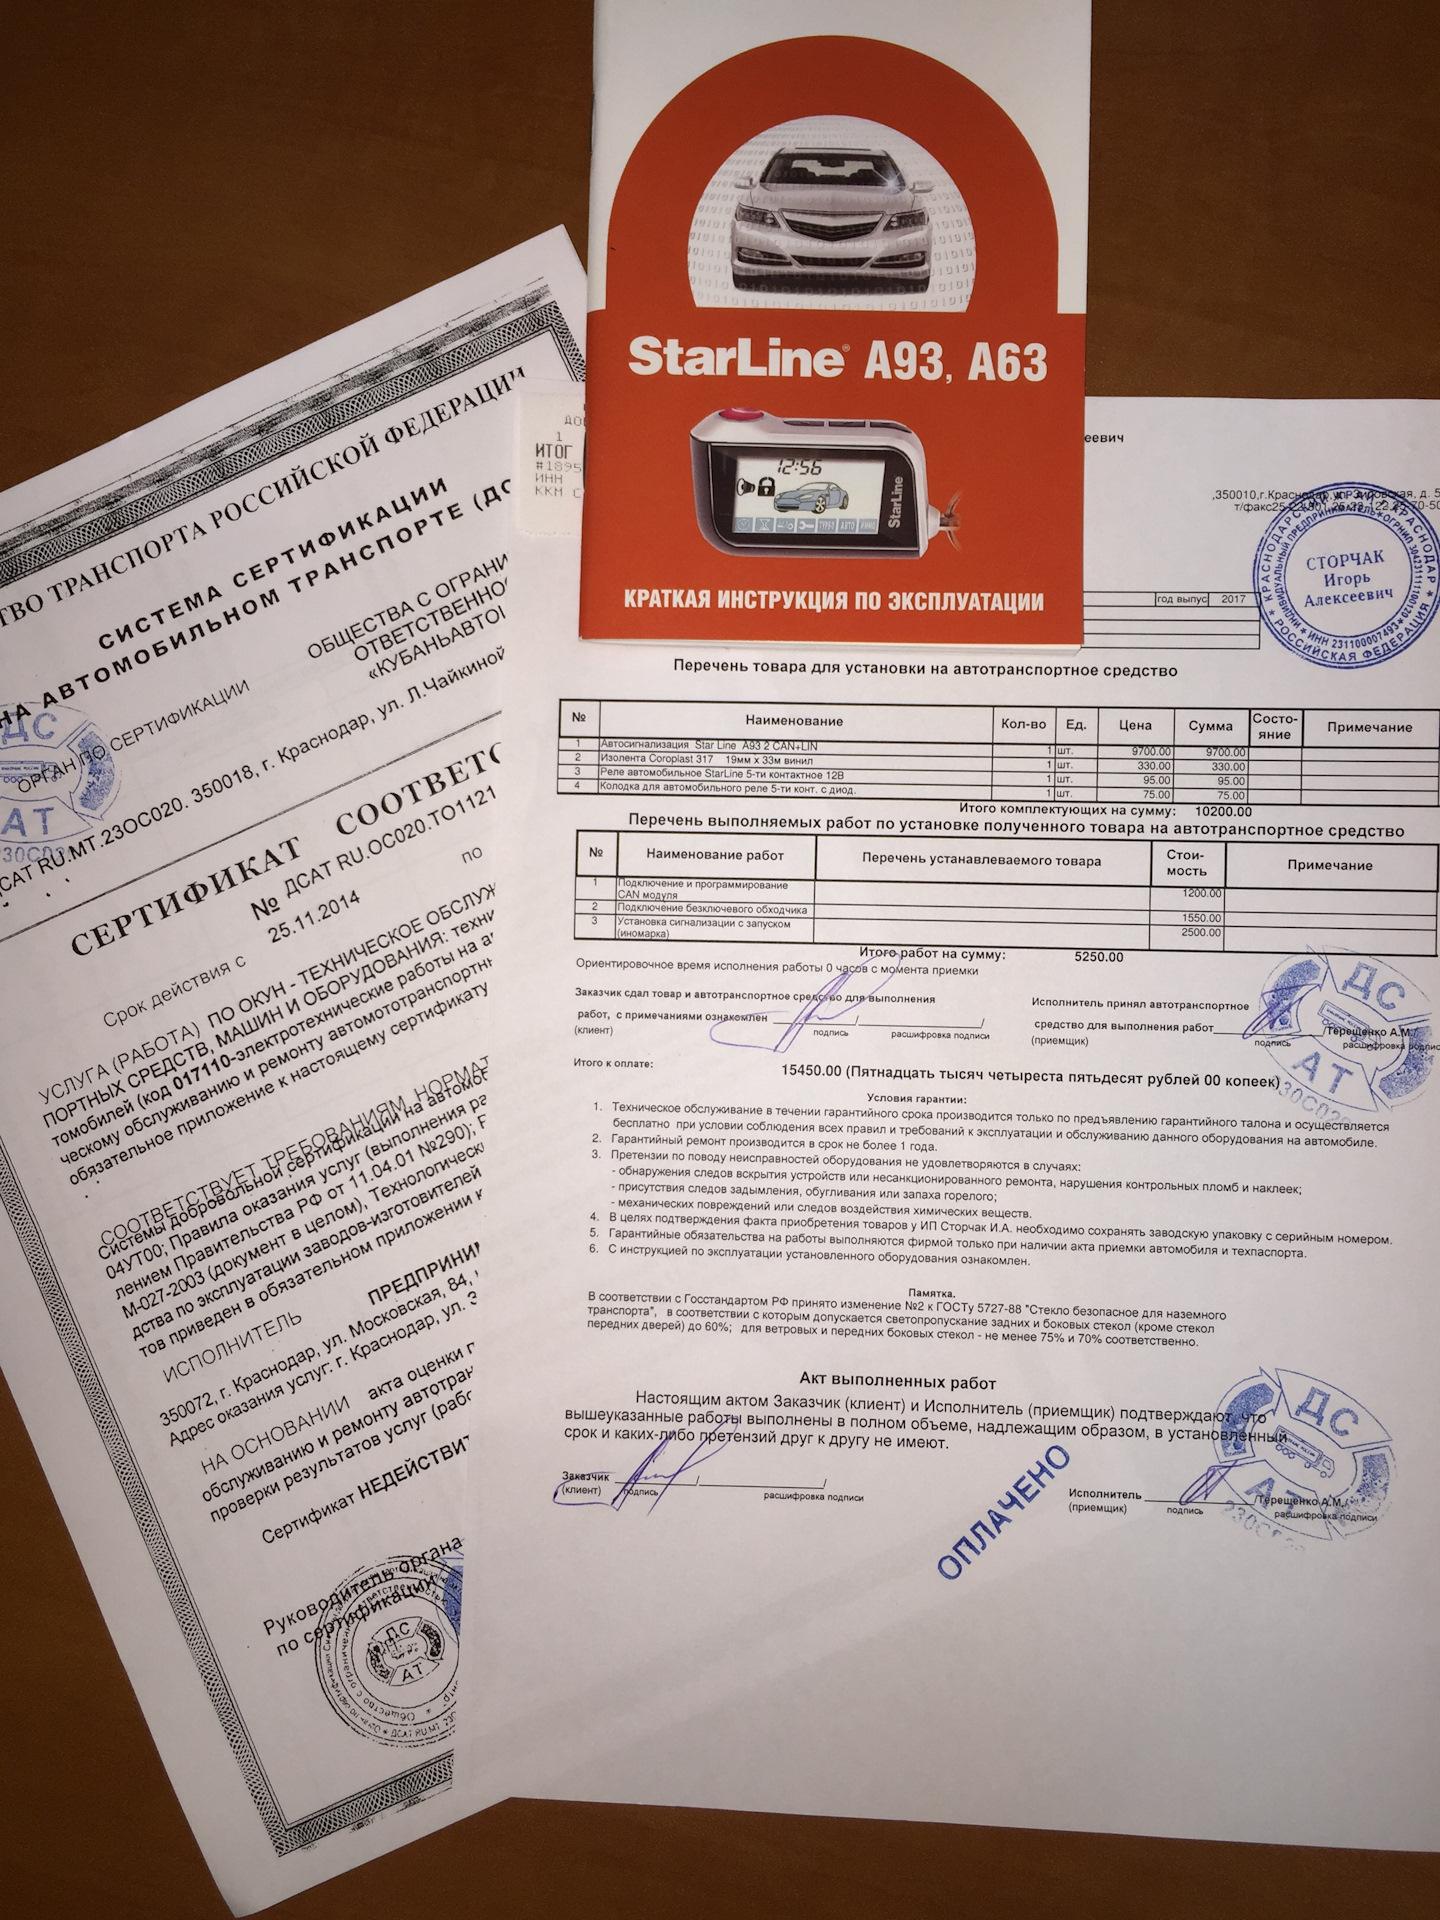 wpc hyundai как зарегистрироваться